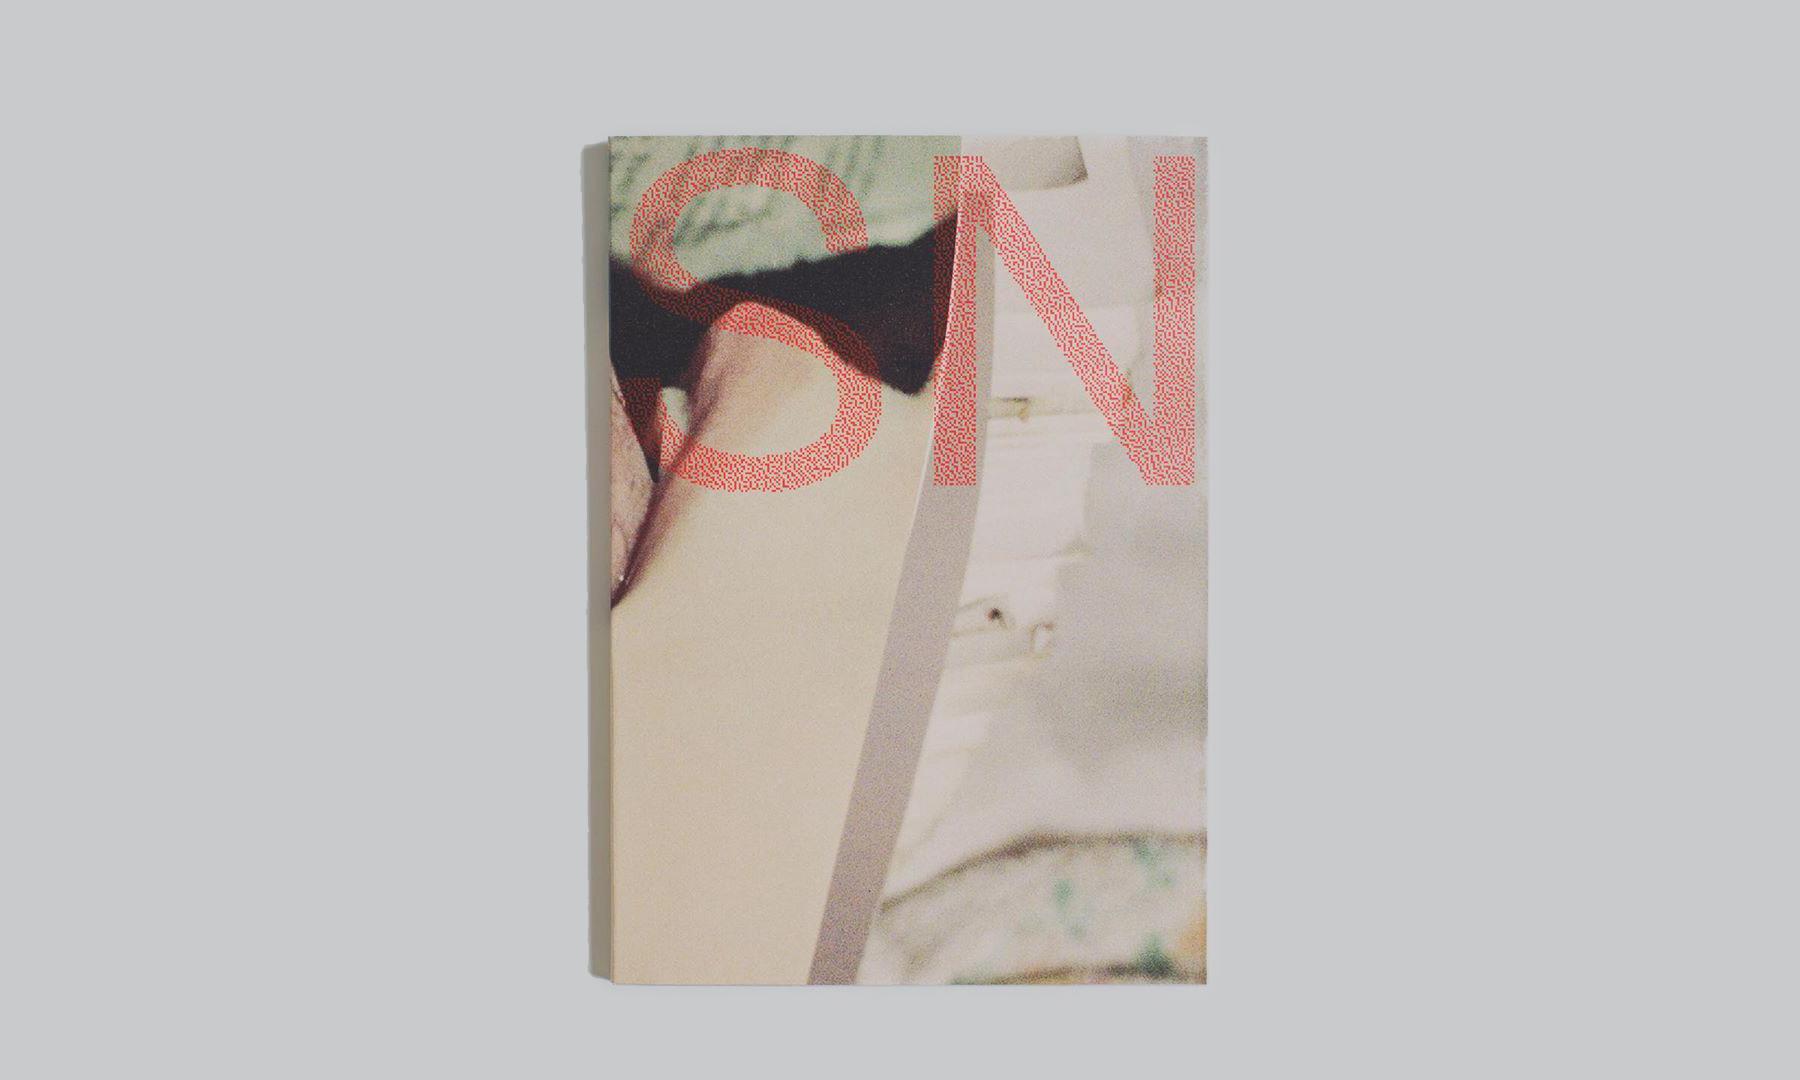 UNDERCOVER 将发售首部自主杂志《SN》及周边产品